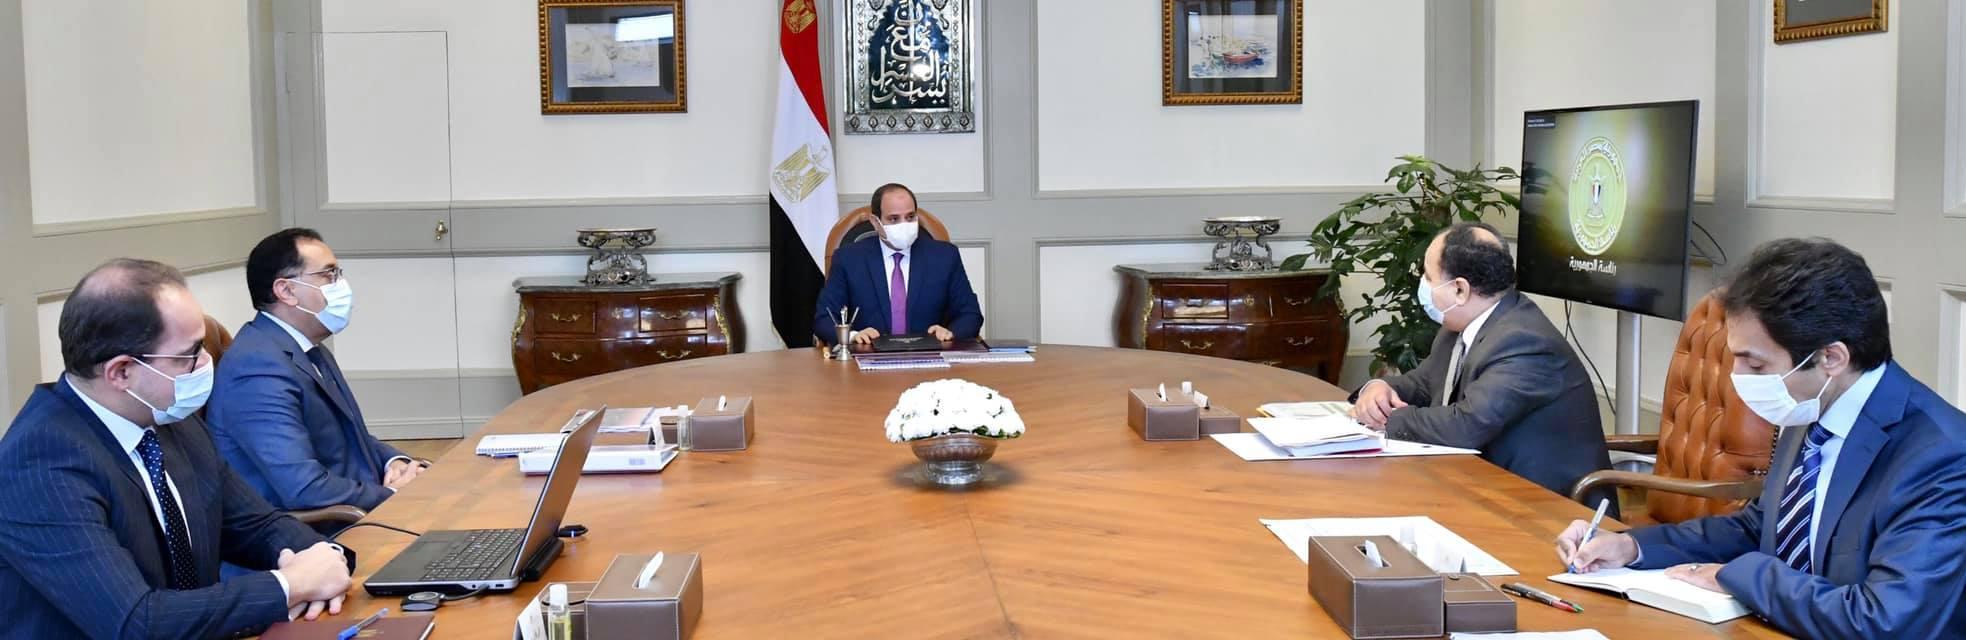 صندوق النقد الدولي يشيد باداء الاقتصاد المصري الذي فاق التوقعات لعام ٢٠٢٠